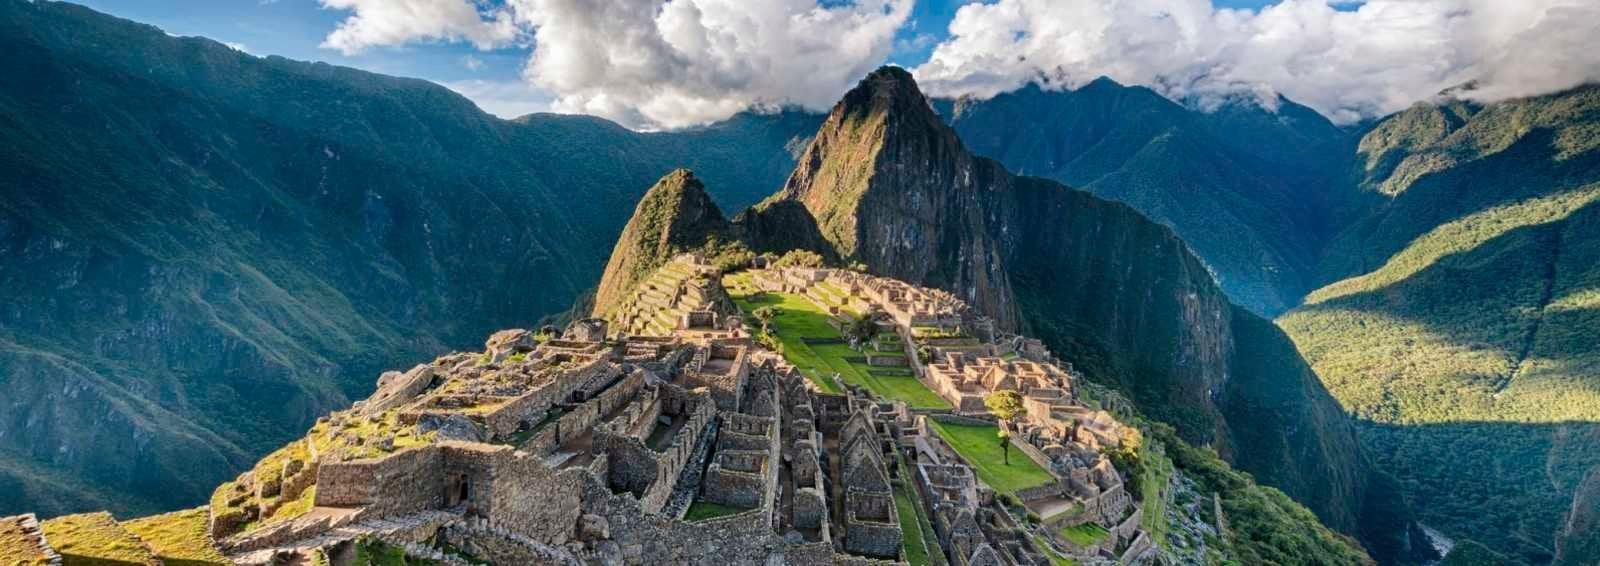 Machu Picchu Per